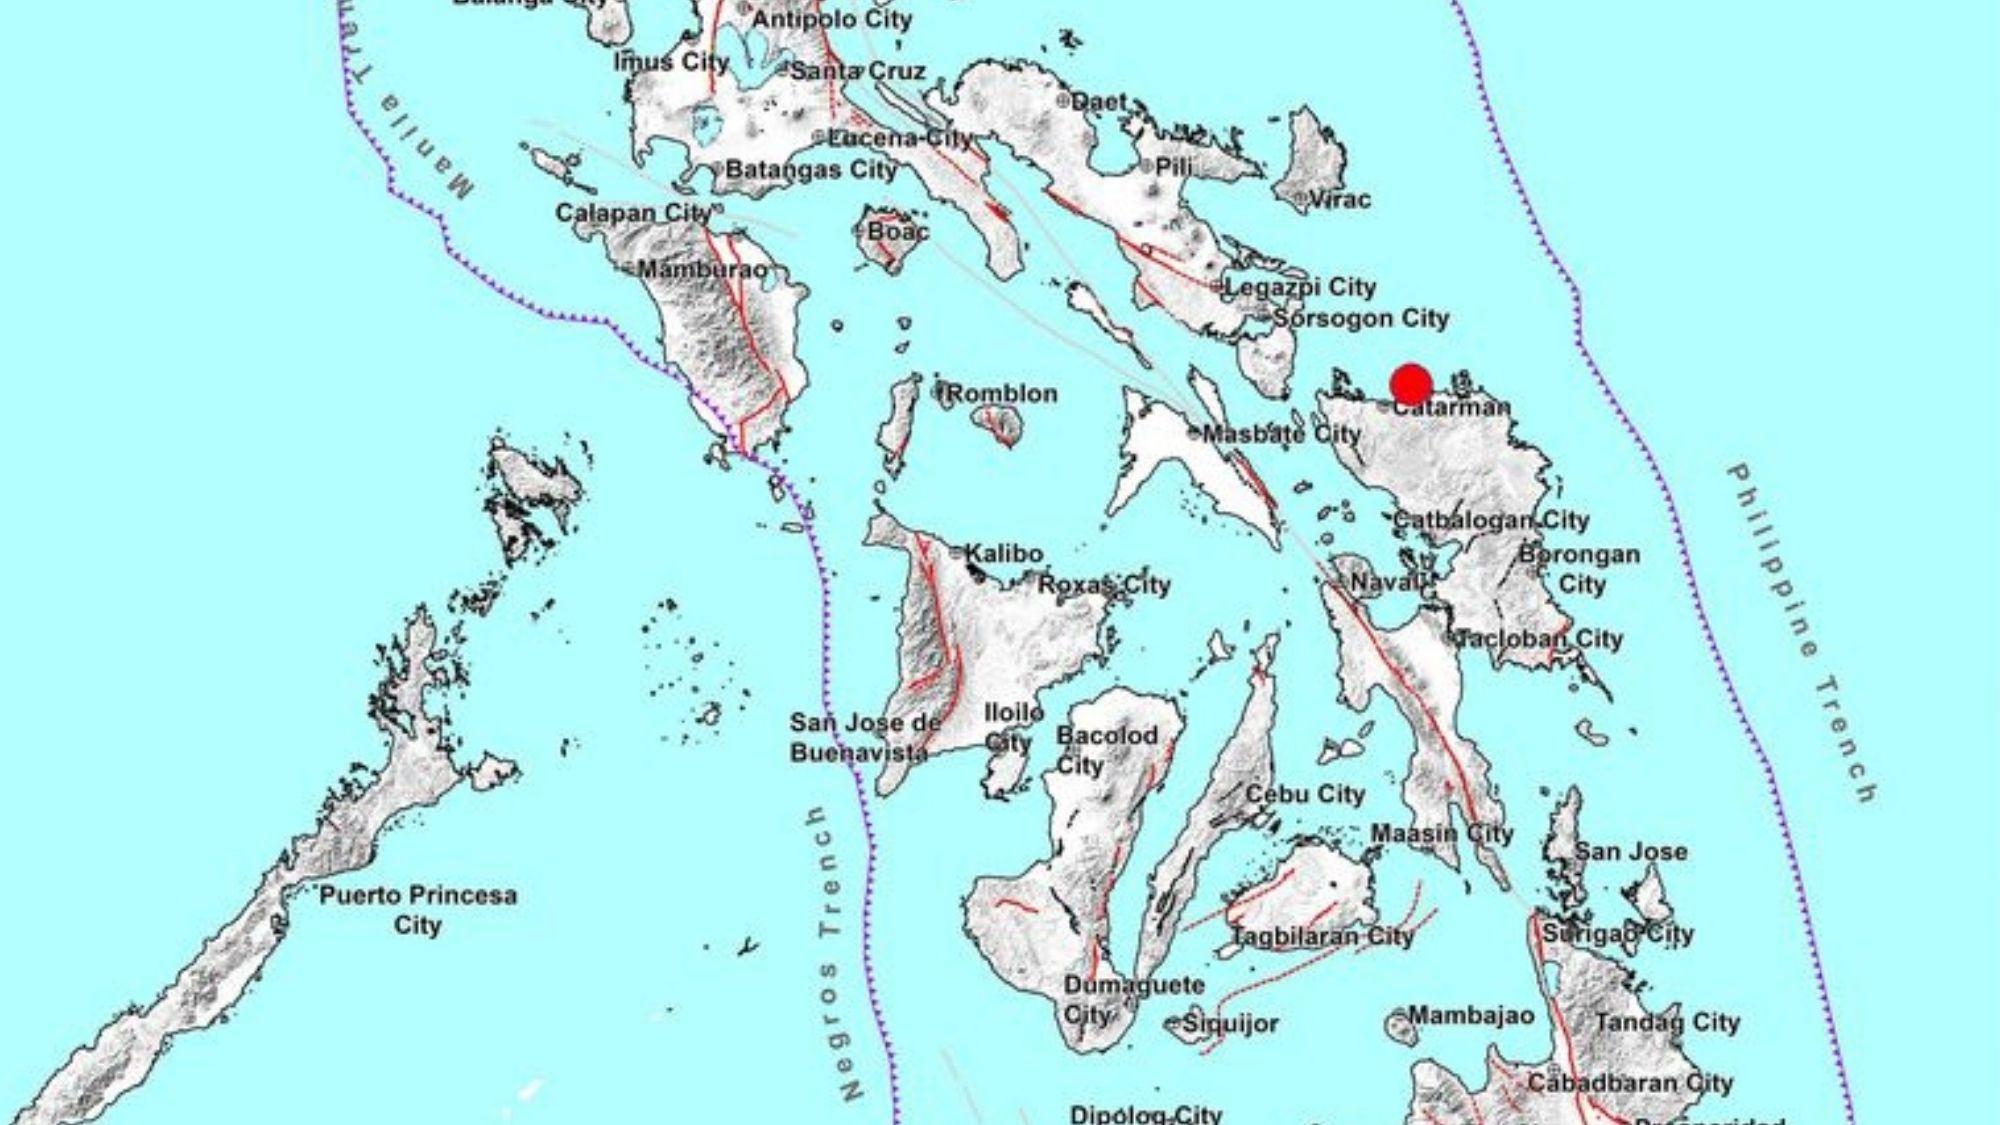 Earthquake hits E. Visayas